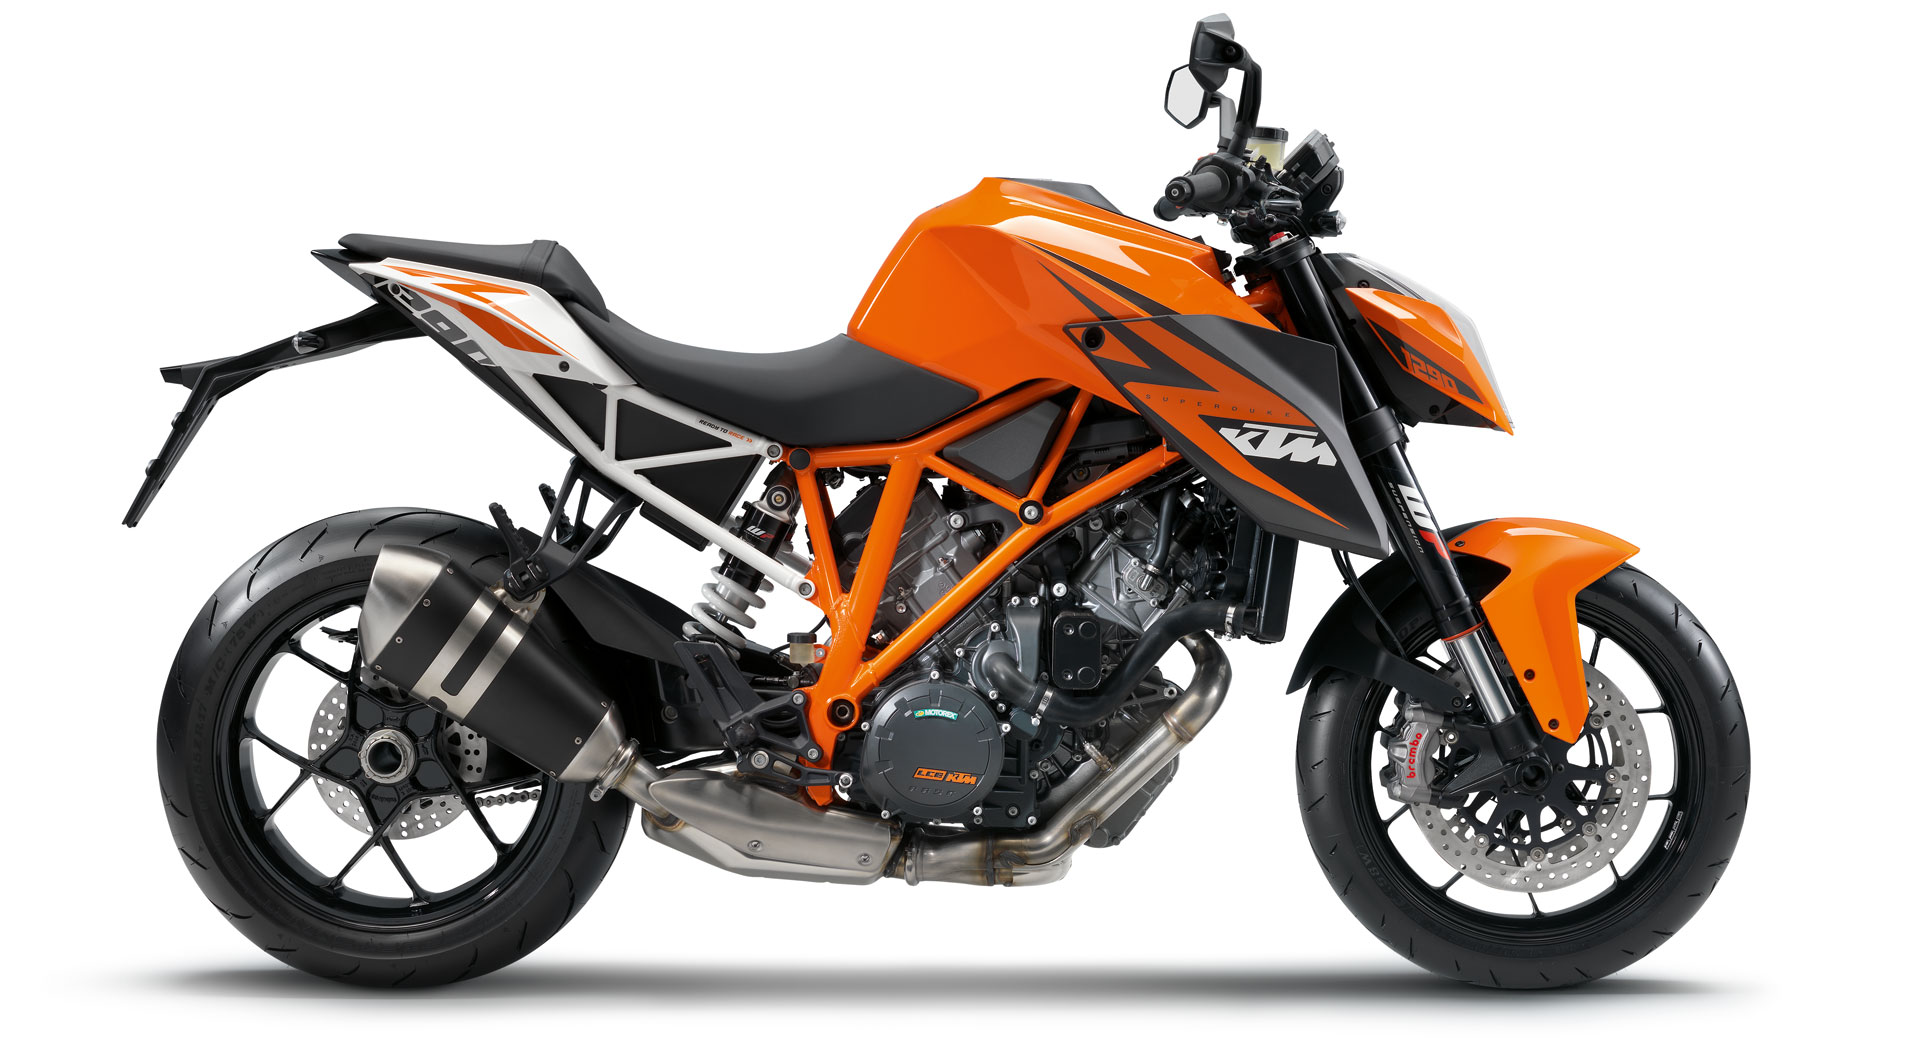 2015 ktm 1290 superduke r orange. Black Bedroom Furniture Sets. Home Design Ideas